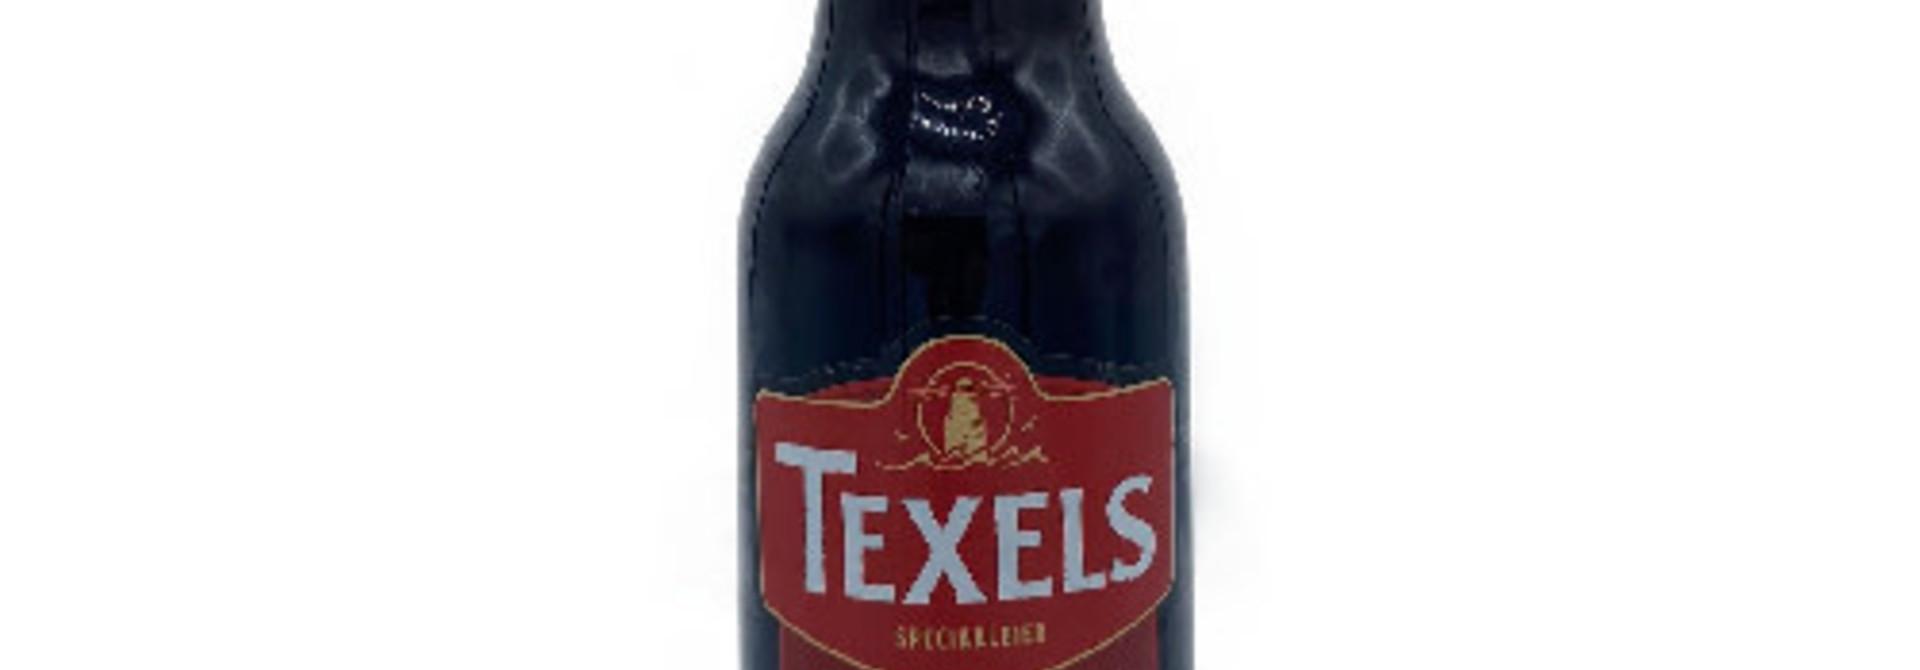 TEXELS BOCK 30CL